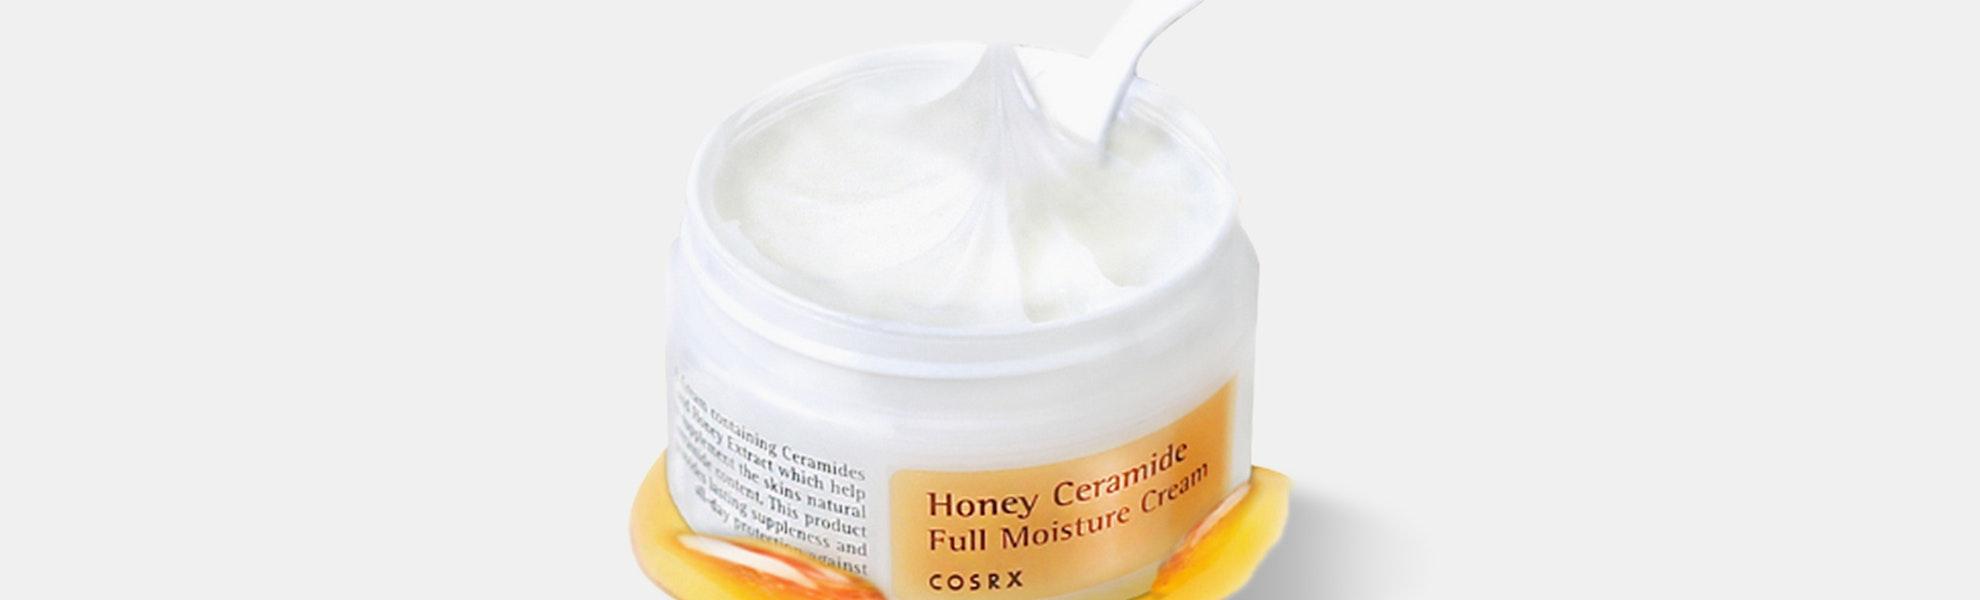 COSRX Honey Ceramide Creams Set